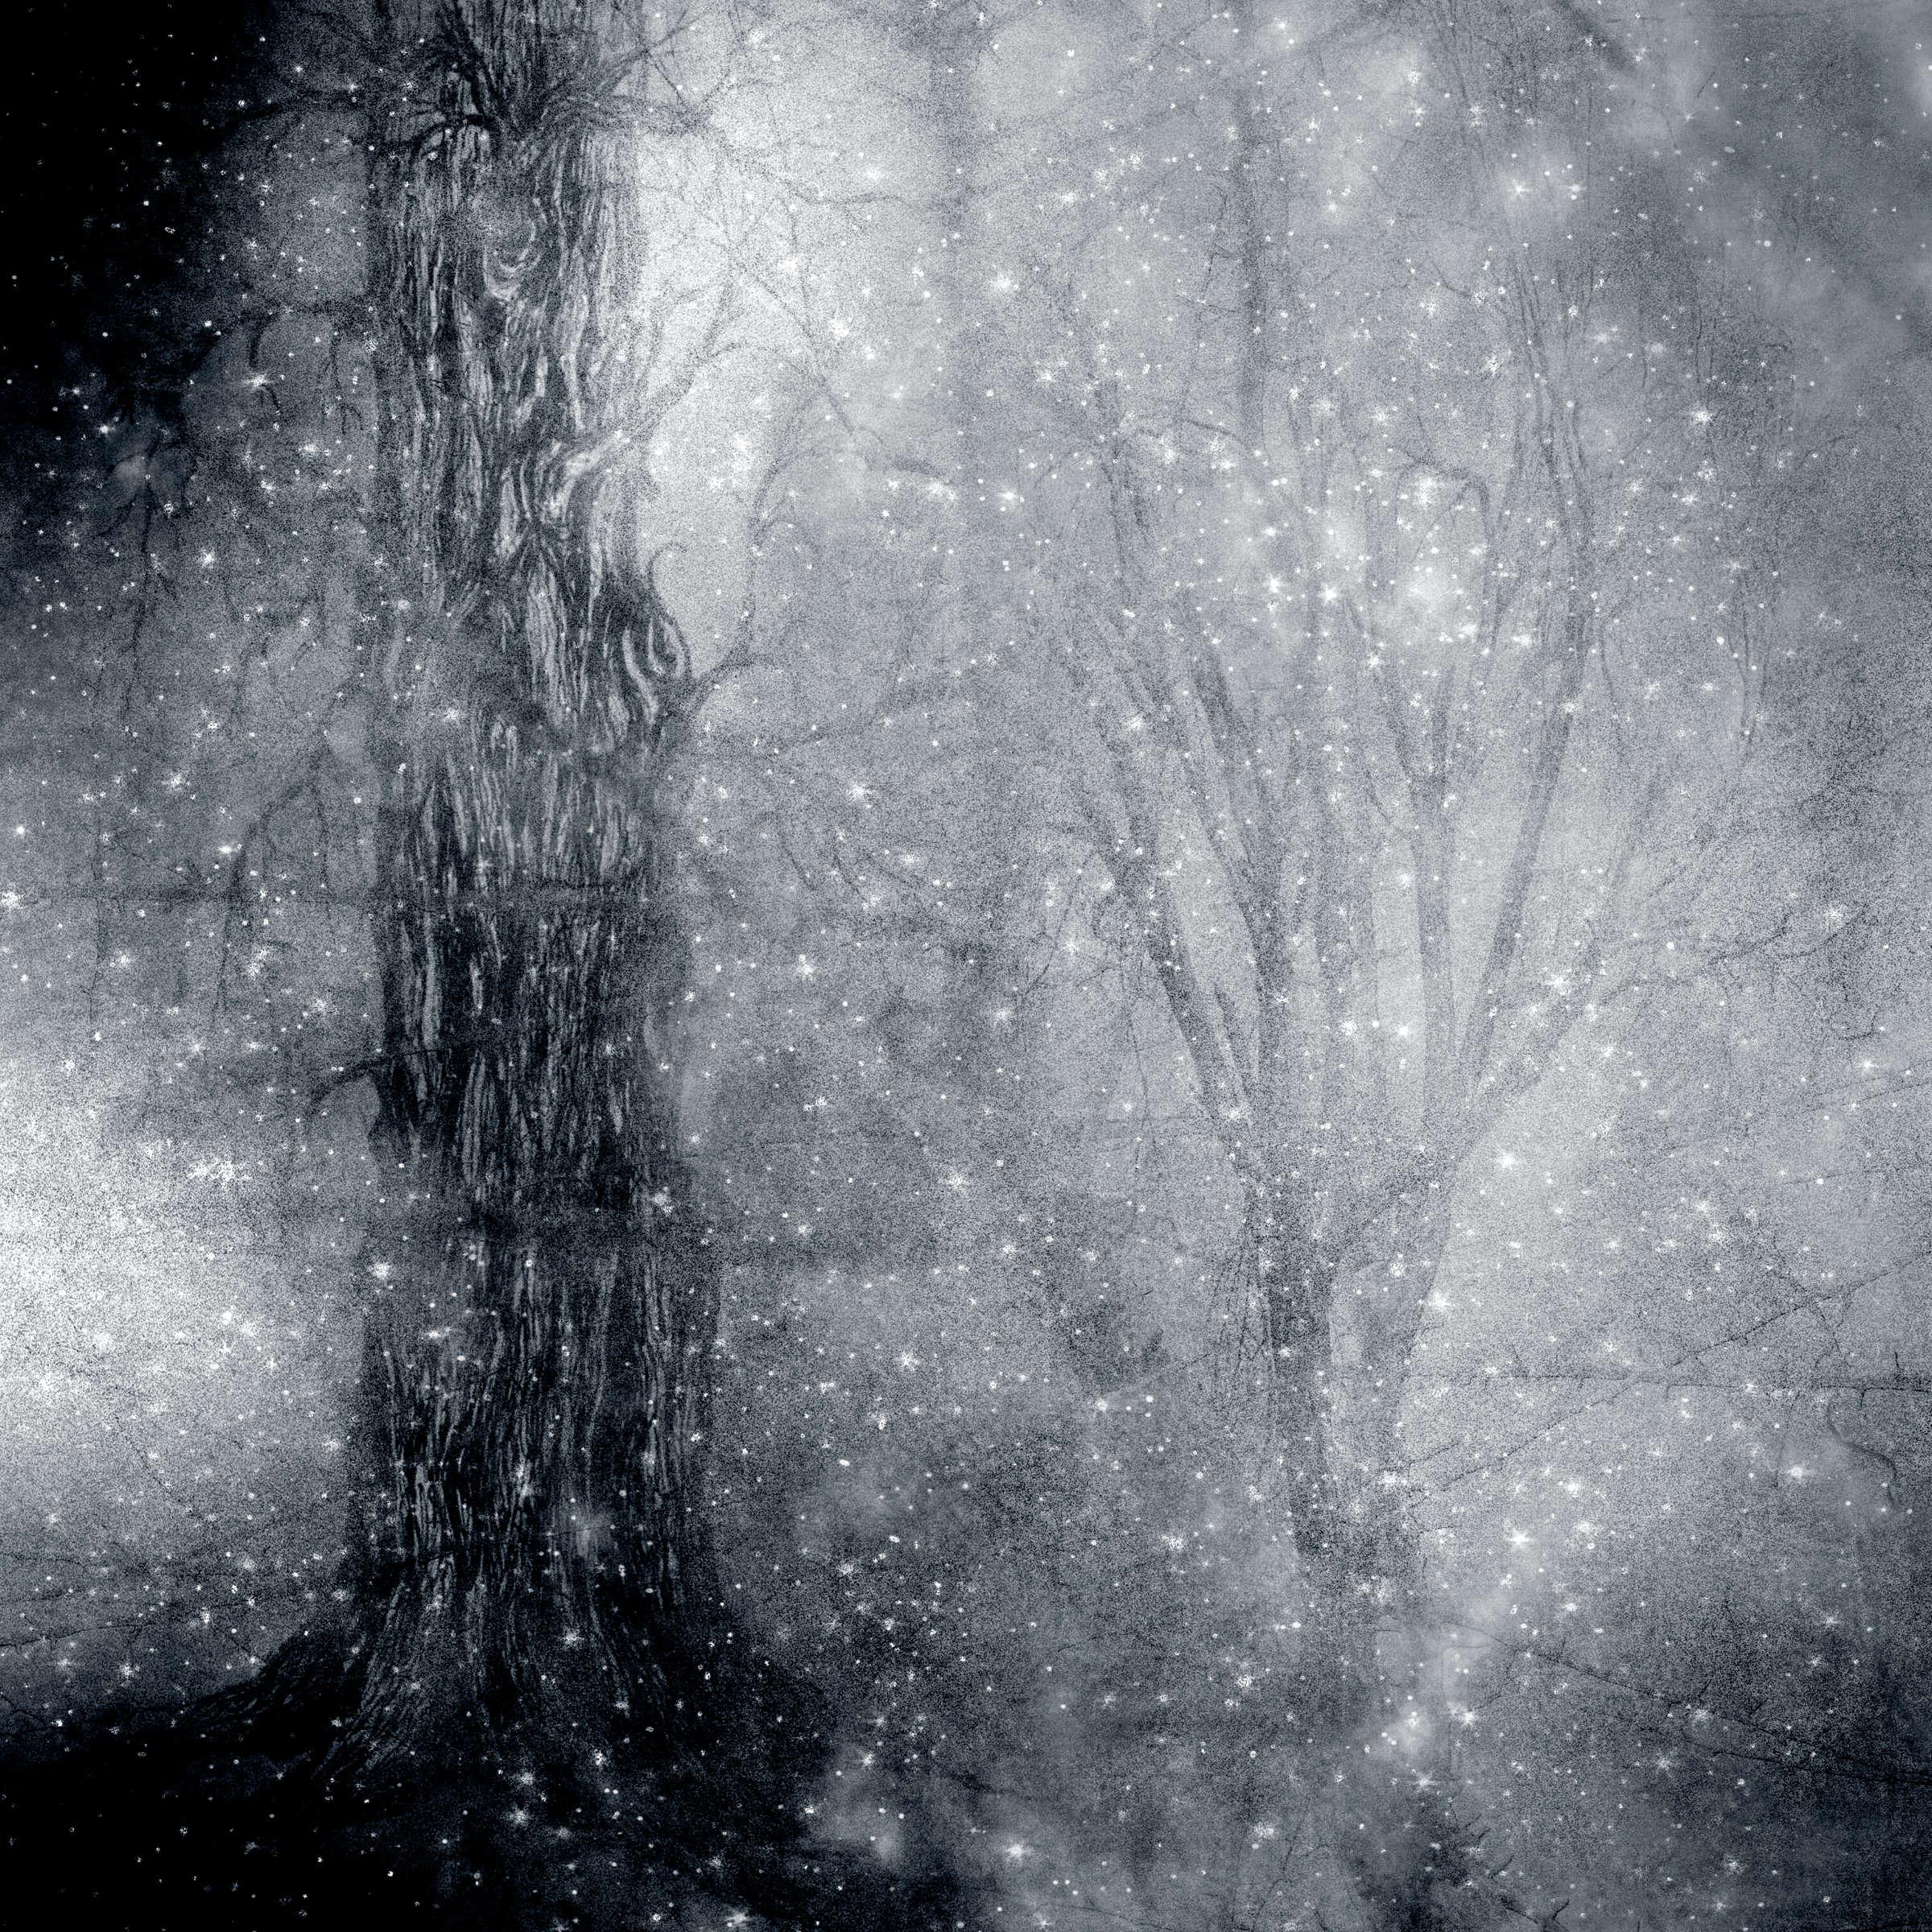 Obliivon album art